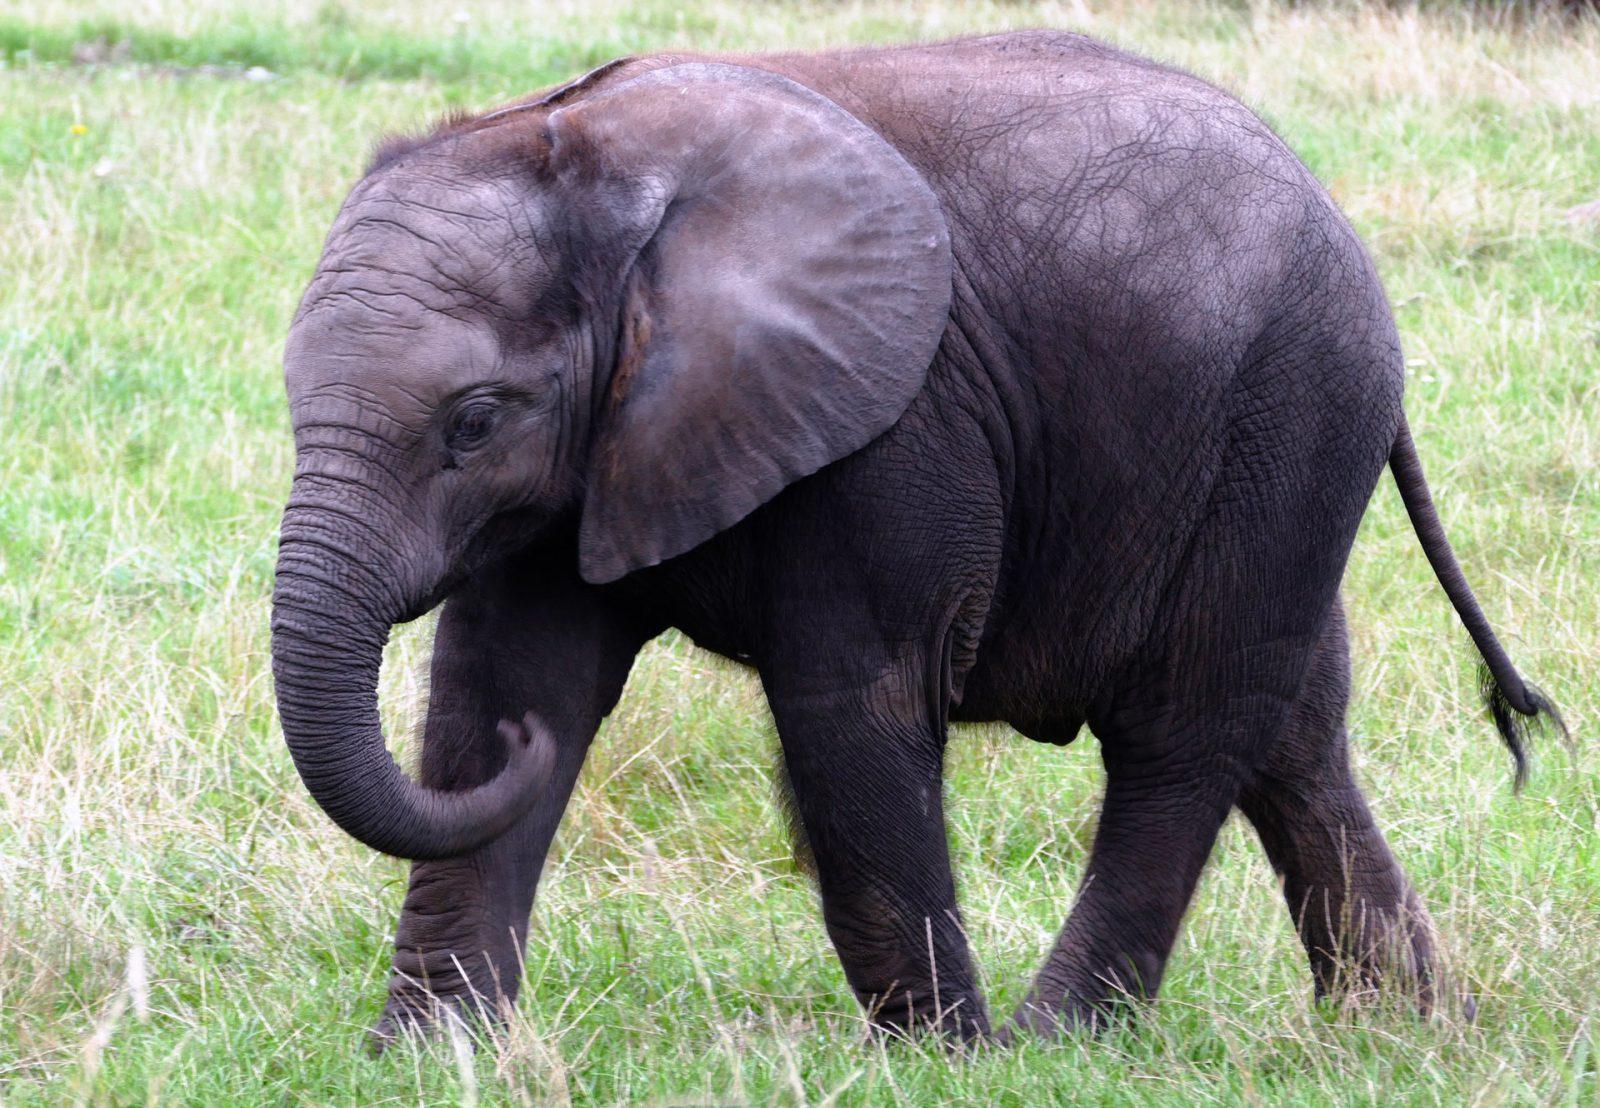 Sonhar com elefante pode remeter a poder e força.